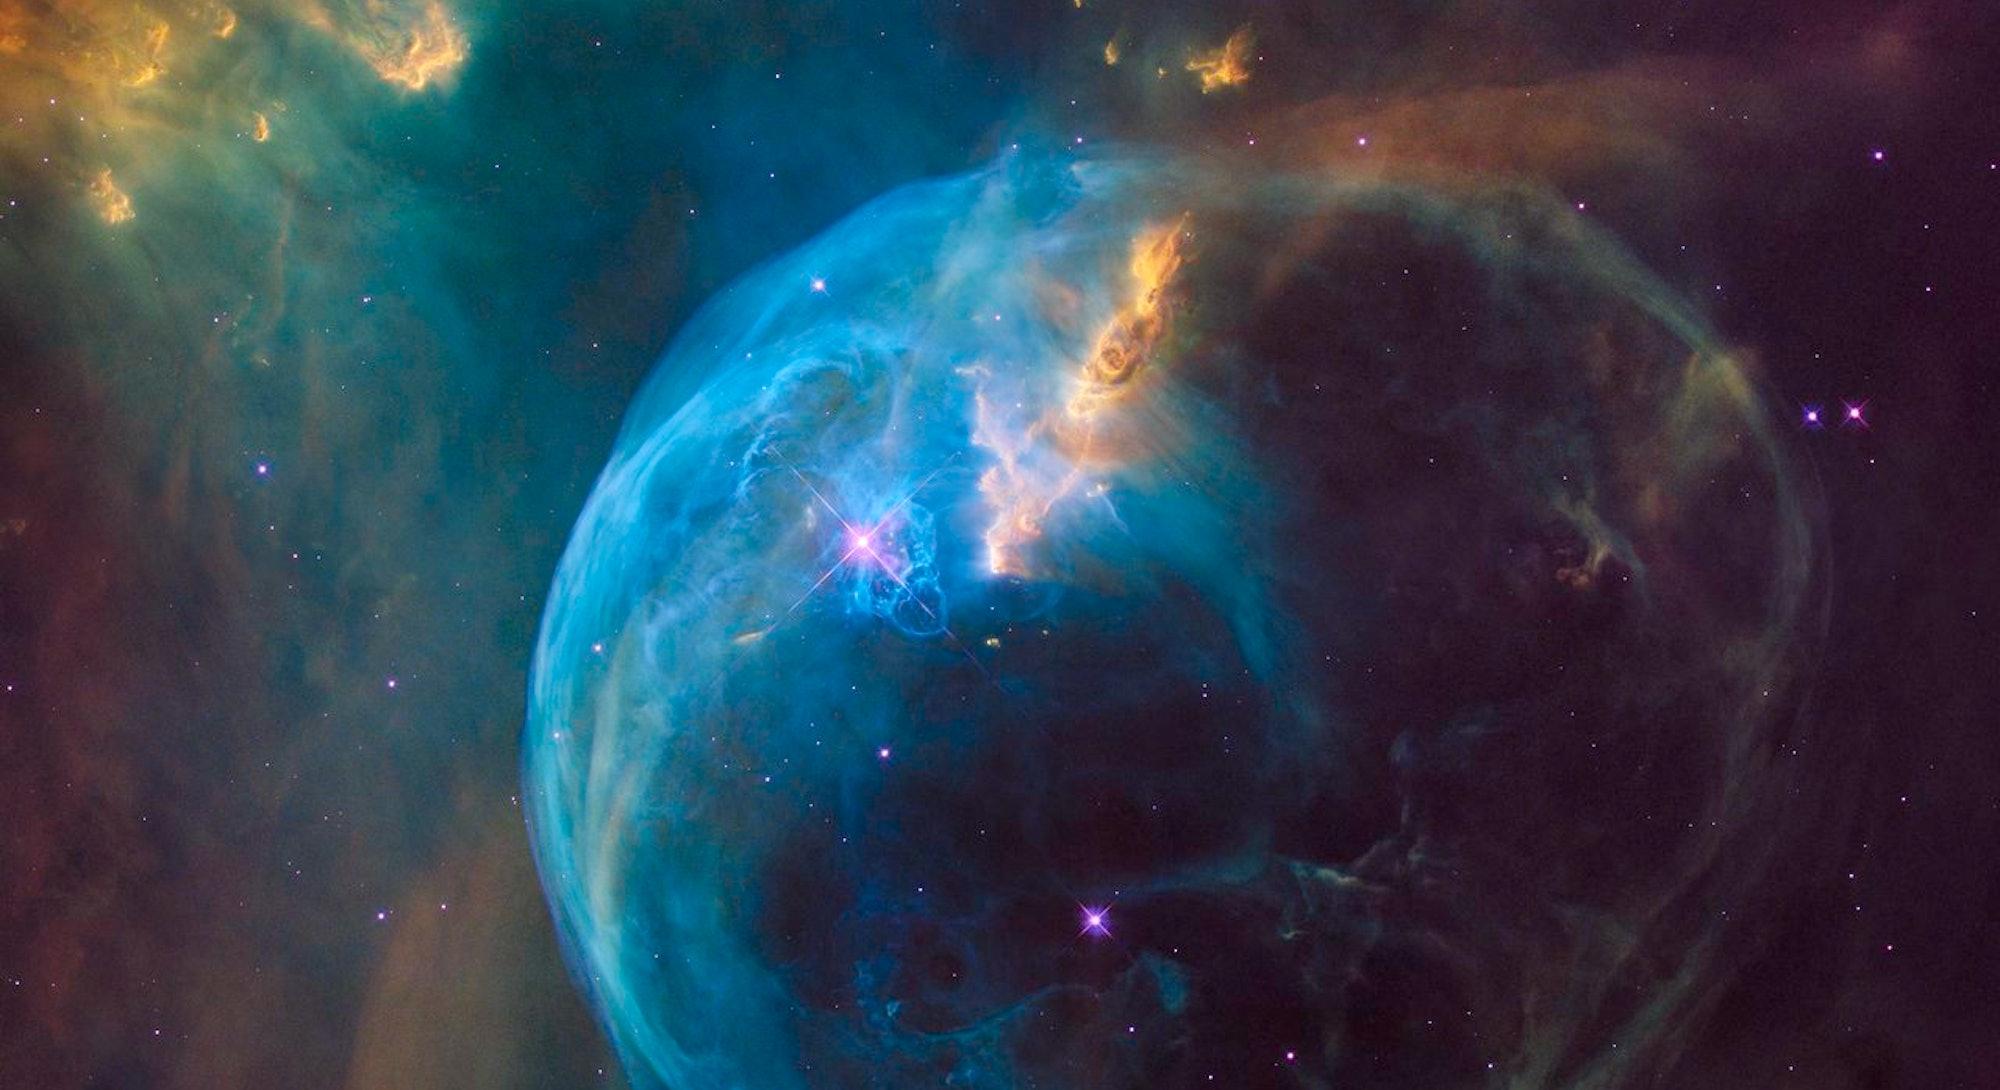 Hubble image of a nebula